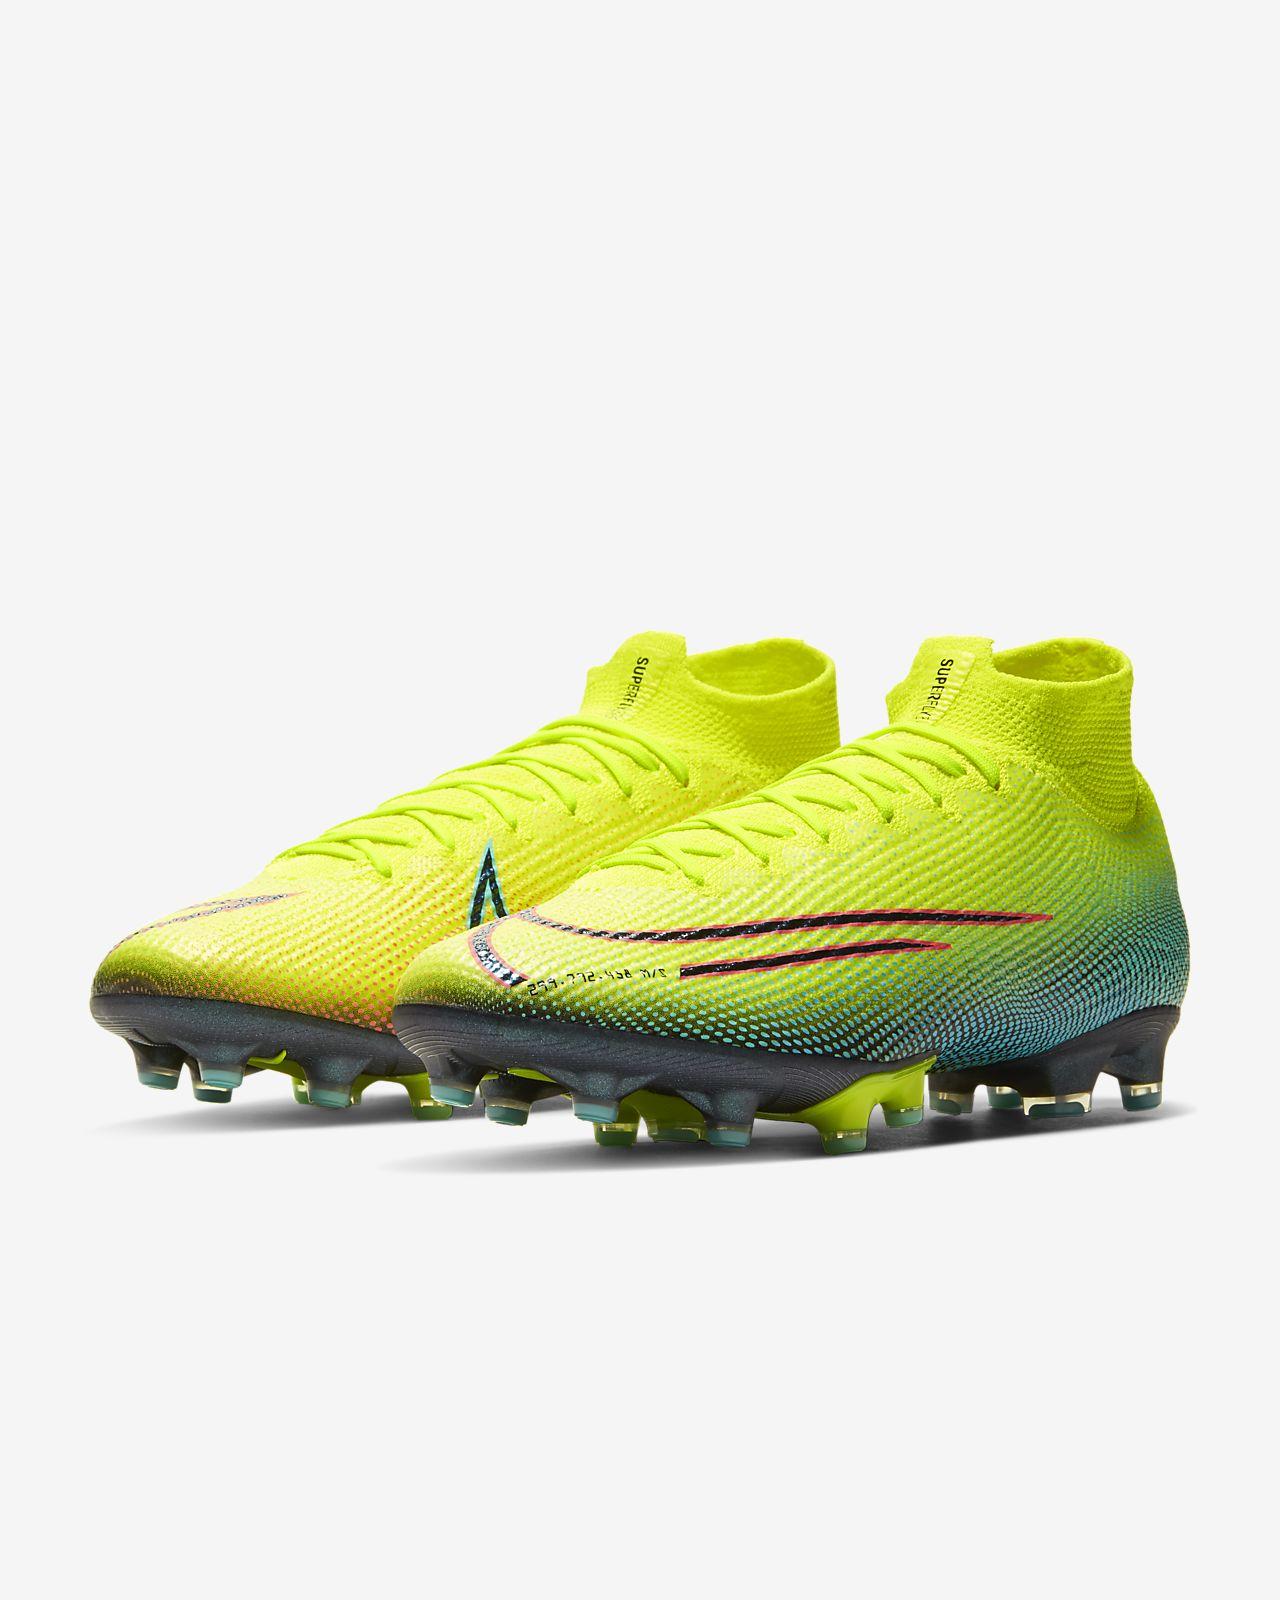 Nike Mercurial Superfly 7 Elite MDS AG